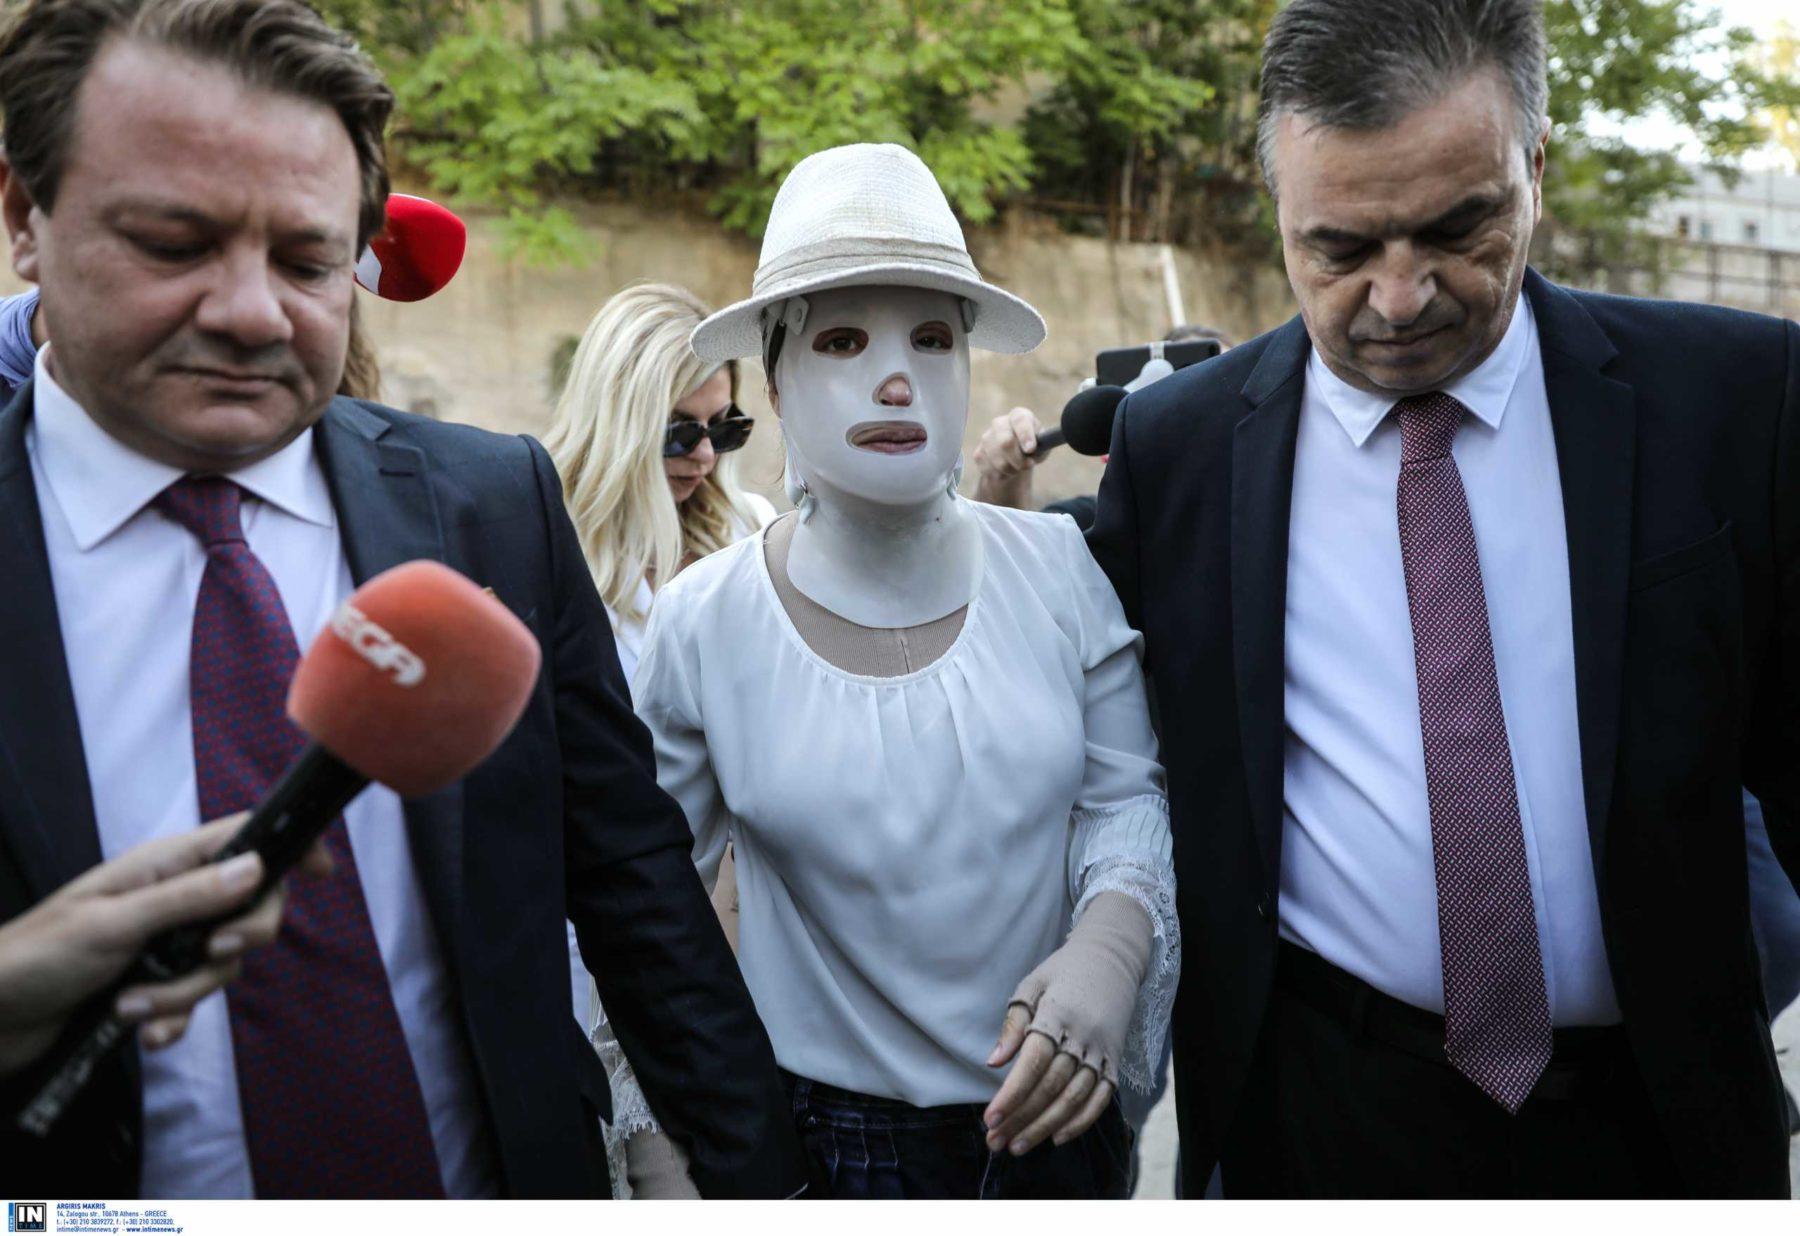 Ιωάννα Παλιοσπύρου: «Είναι ψυχρή και δειλή» – Οι δηλώσεις μετά τη διακοπή της δίκης για την επίθεση με βιτριόλι